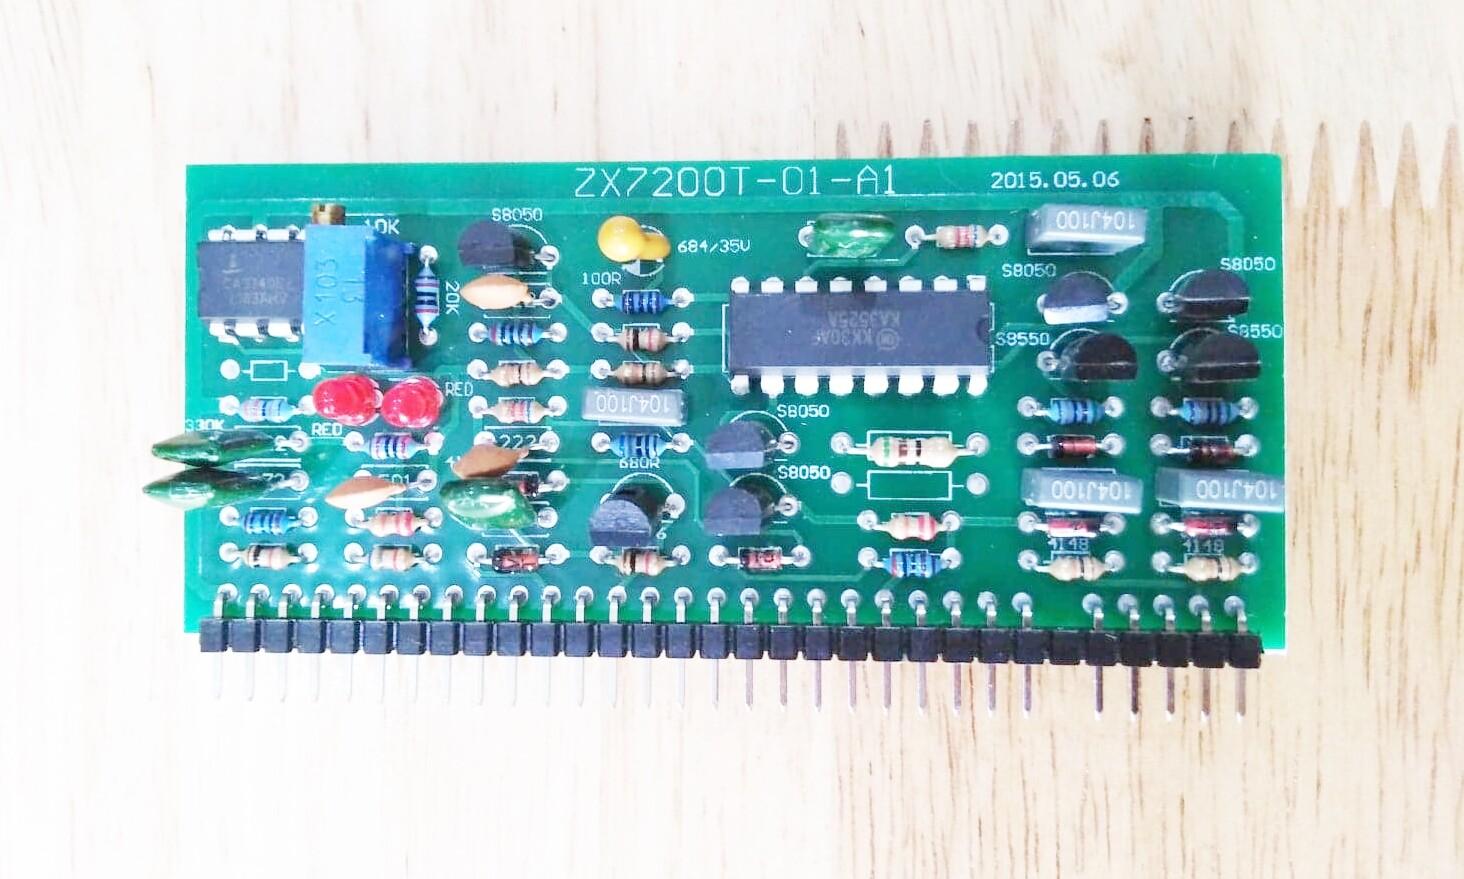 บอร์ดไดร์ตู้เชื่อม SG3525 บอร์ดตู้เชื่อม Inverter